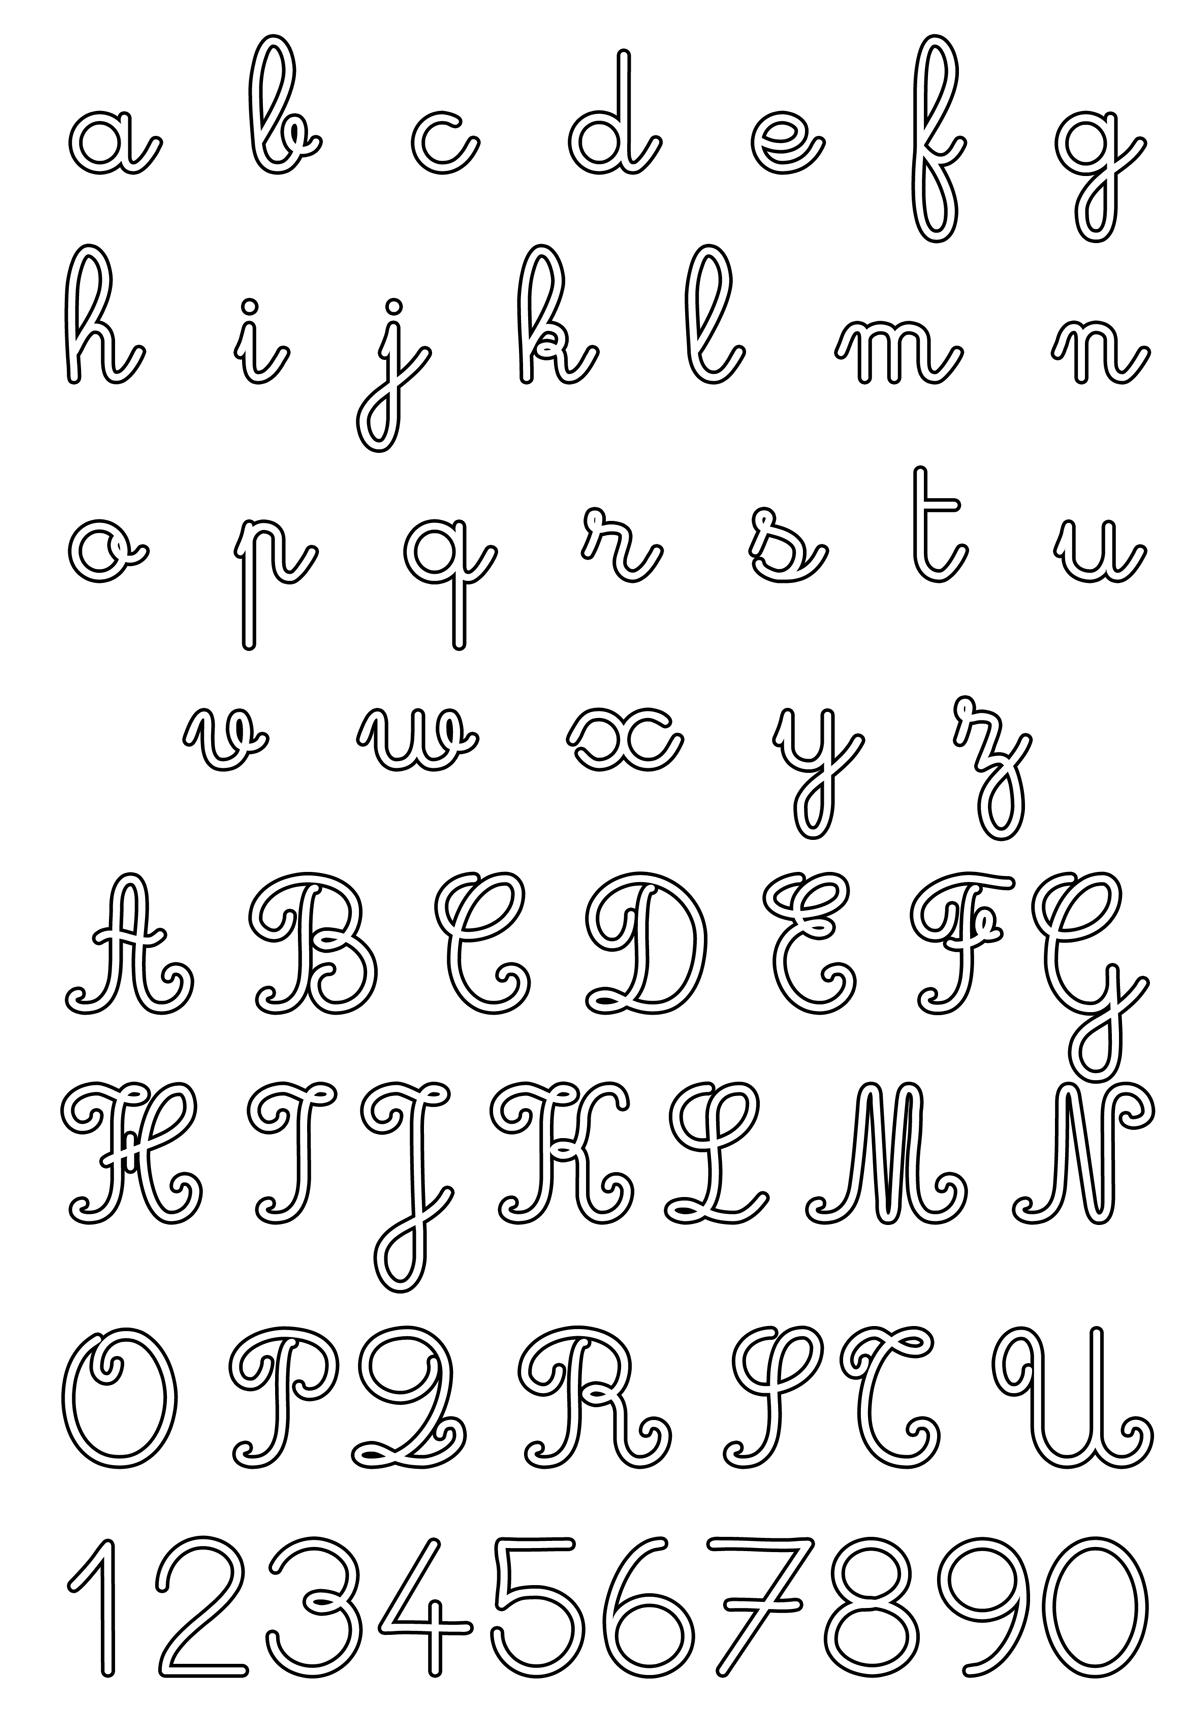 Lettere e numeri - Lettere e numeri corsivo maiuscolo e minuscolo